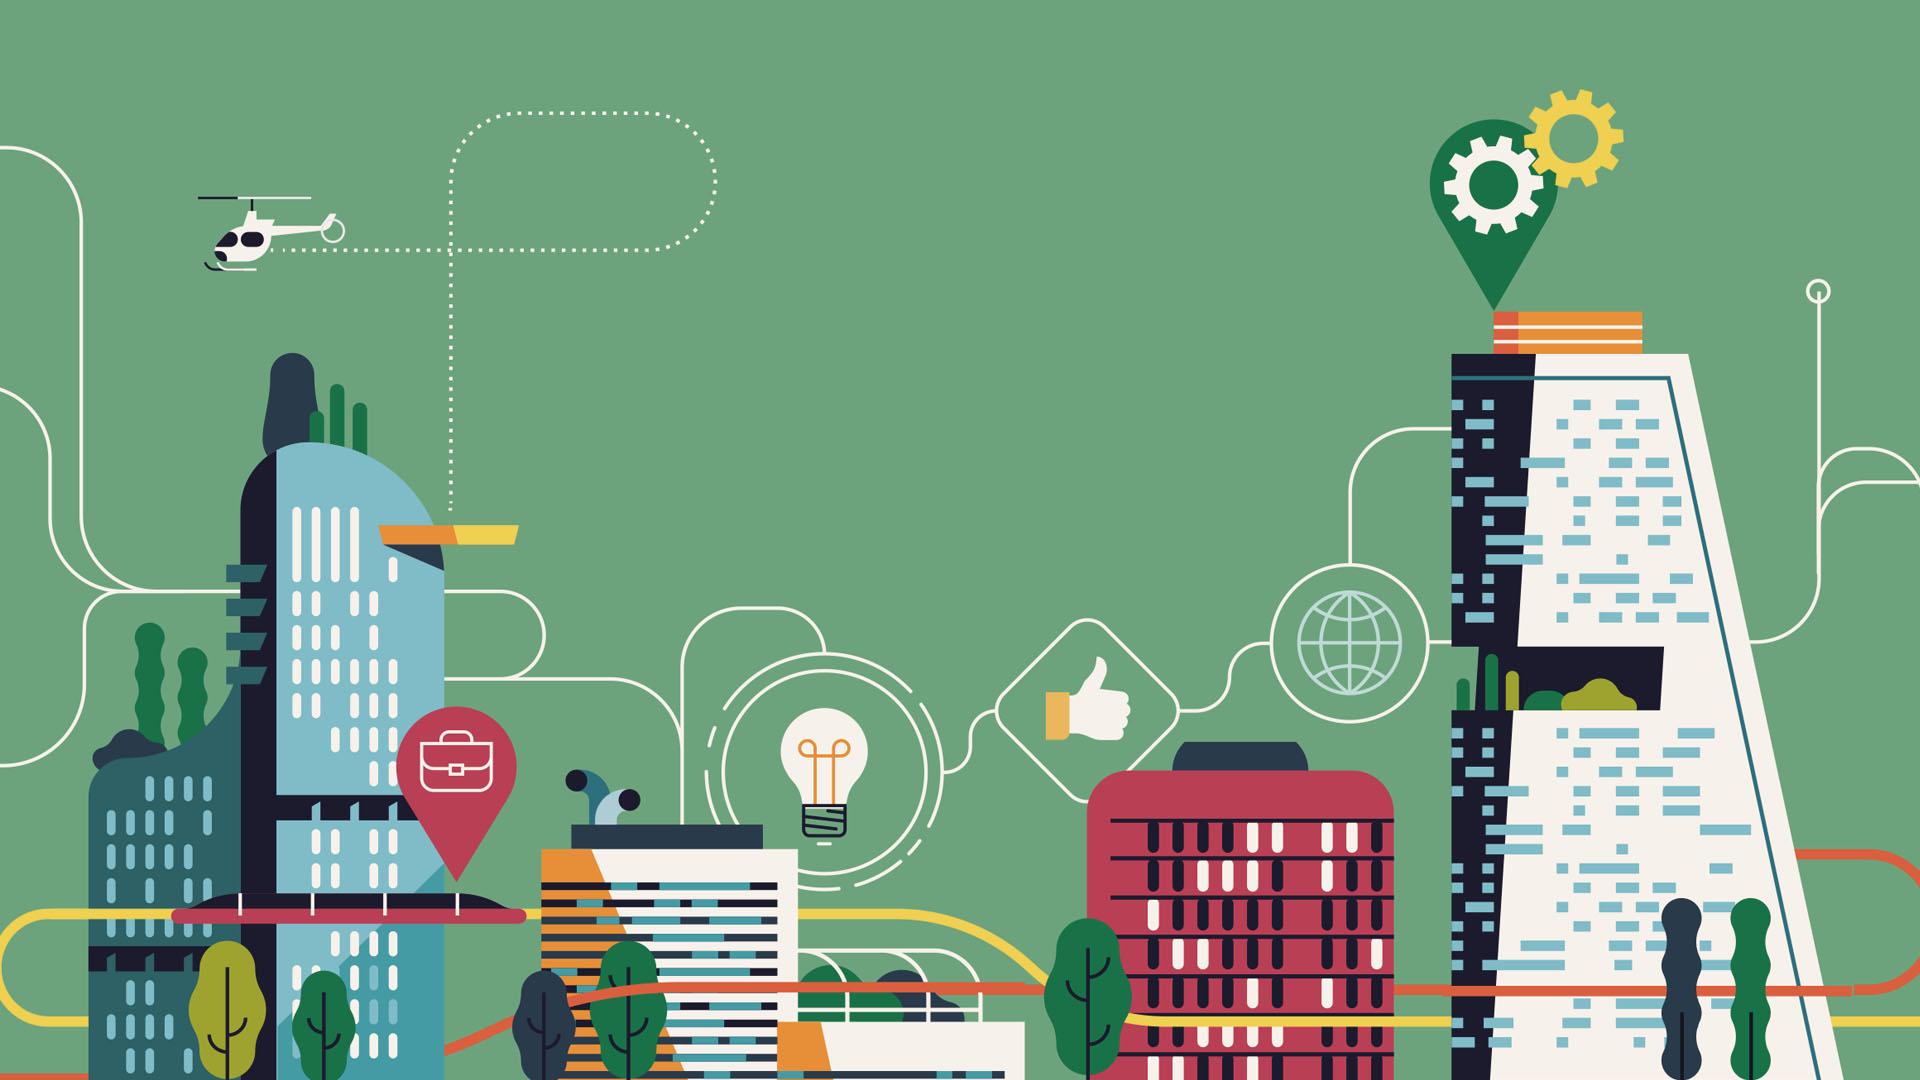 Guia de Lean Startup: saiba tudo sobre essa estratégia